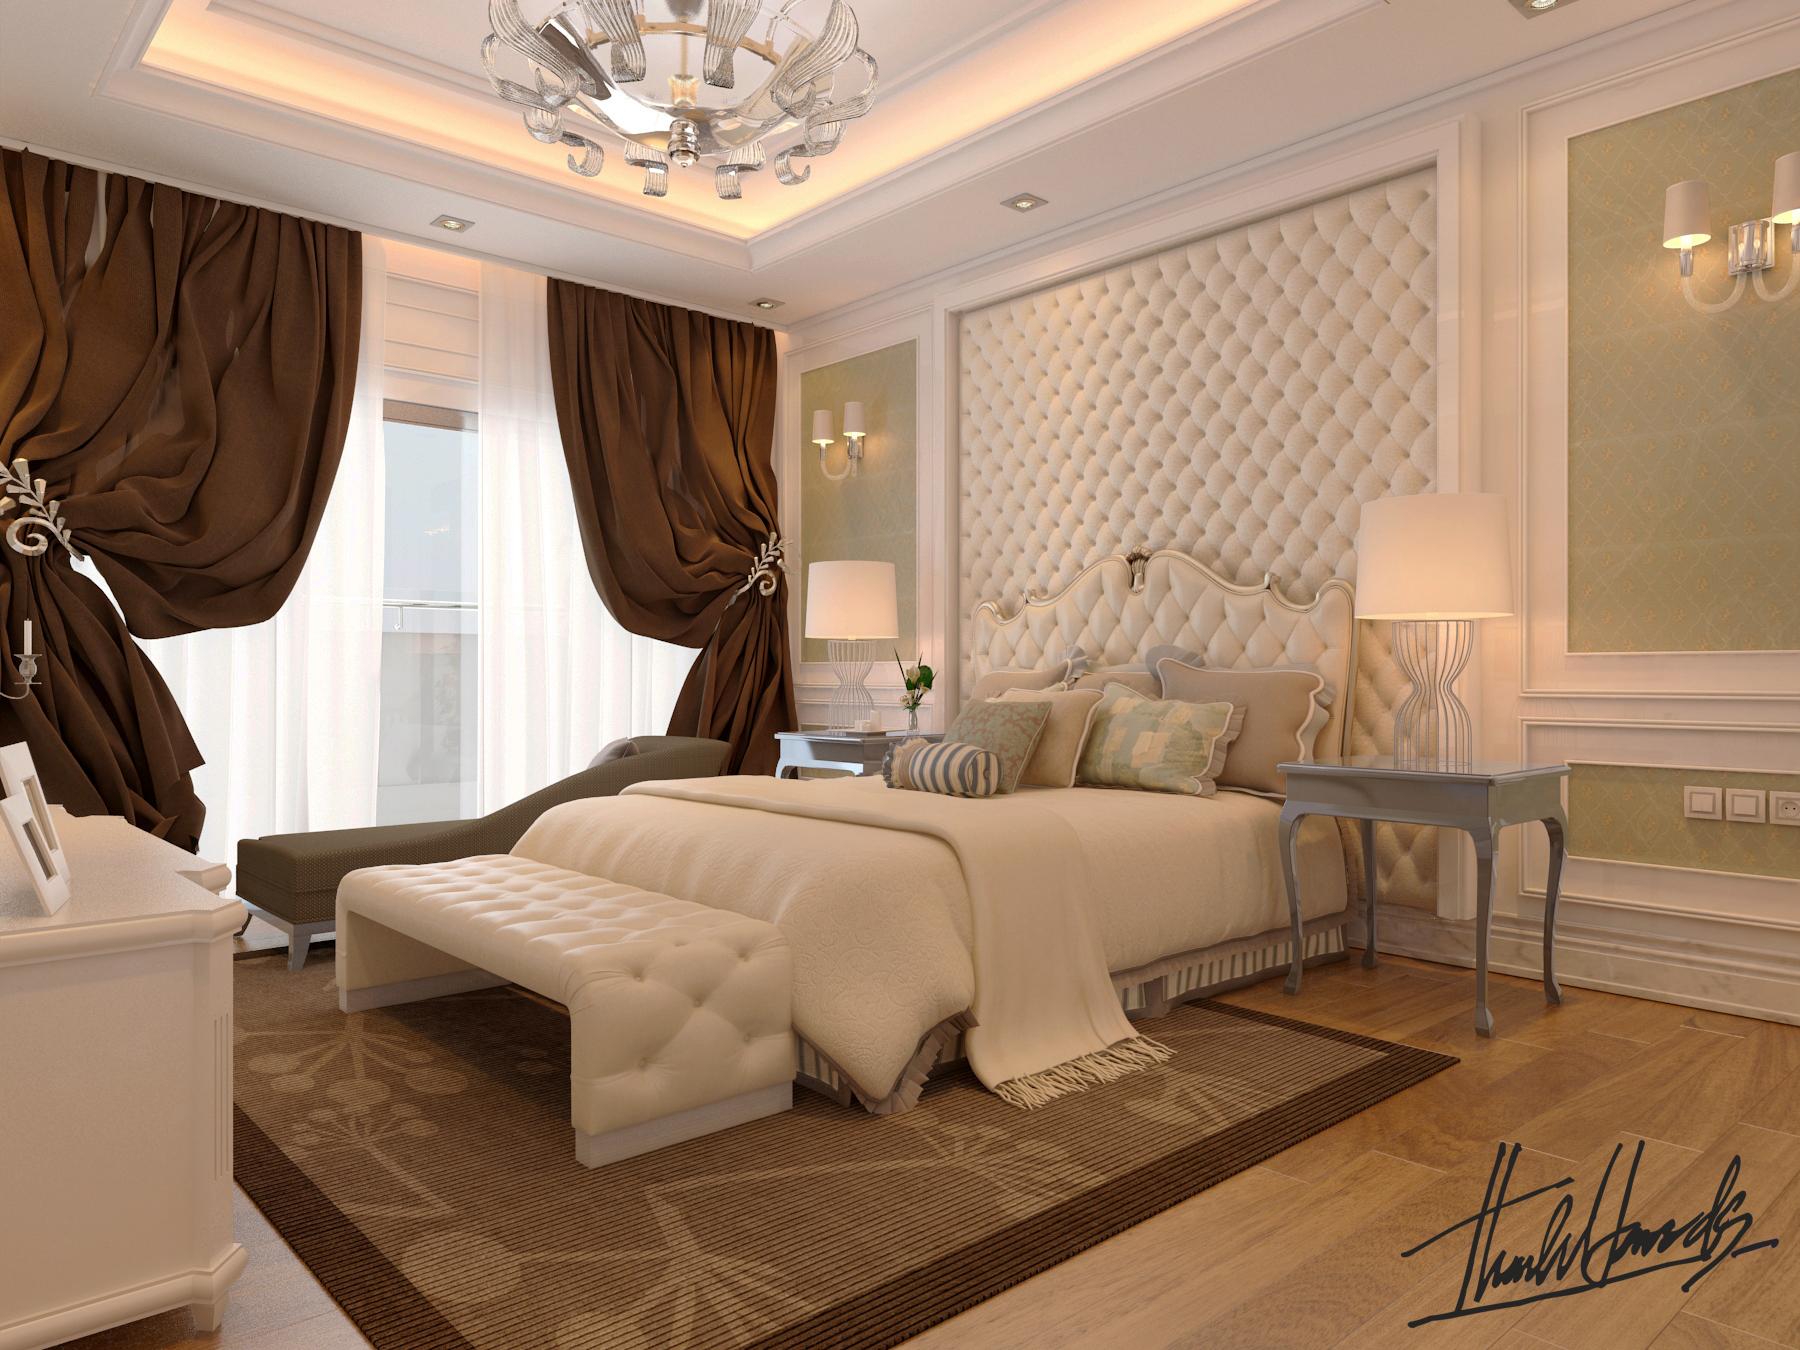 thiết kế nội thất chung cư tại Hà Nội chung cư trang an complex 10 1568277034